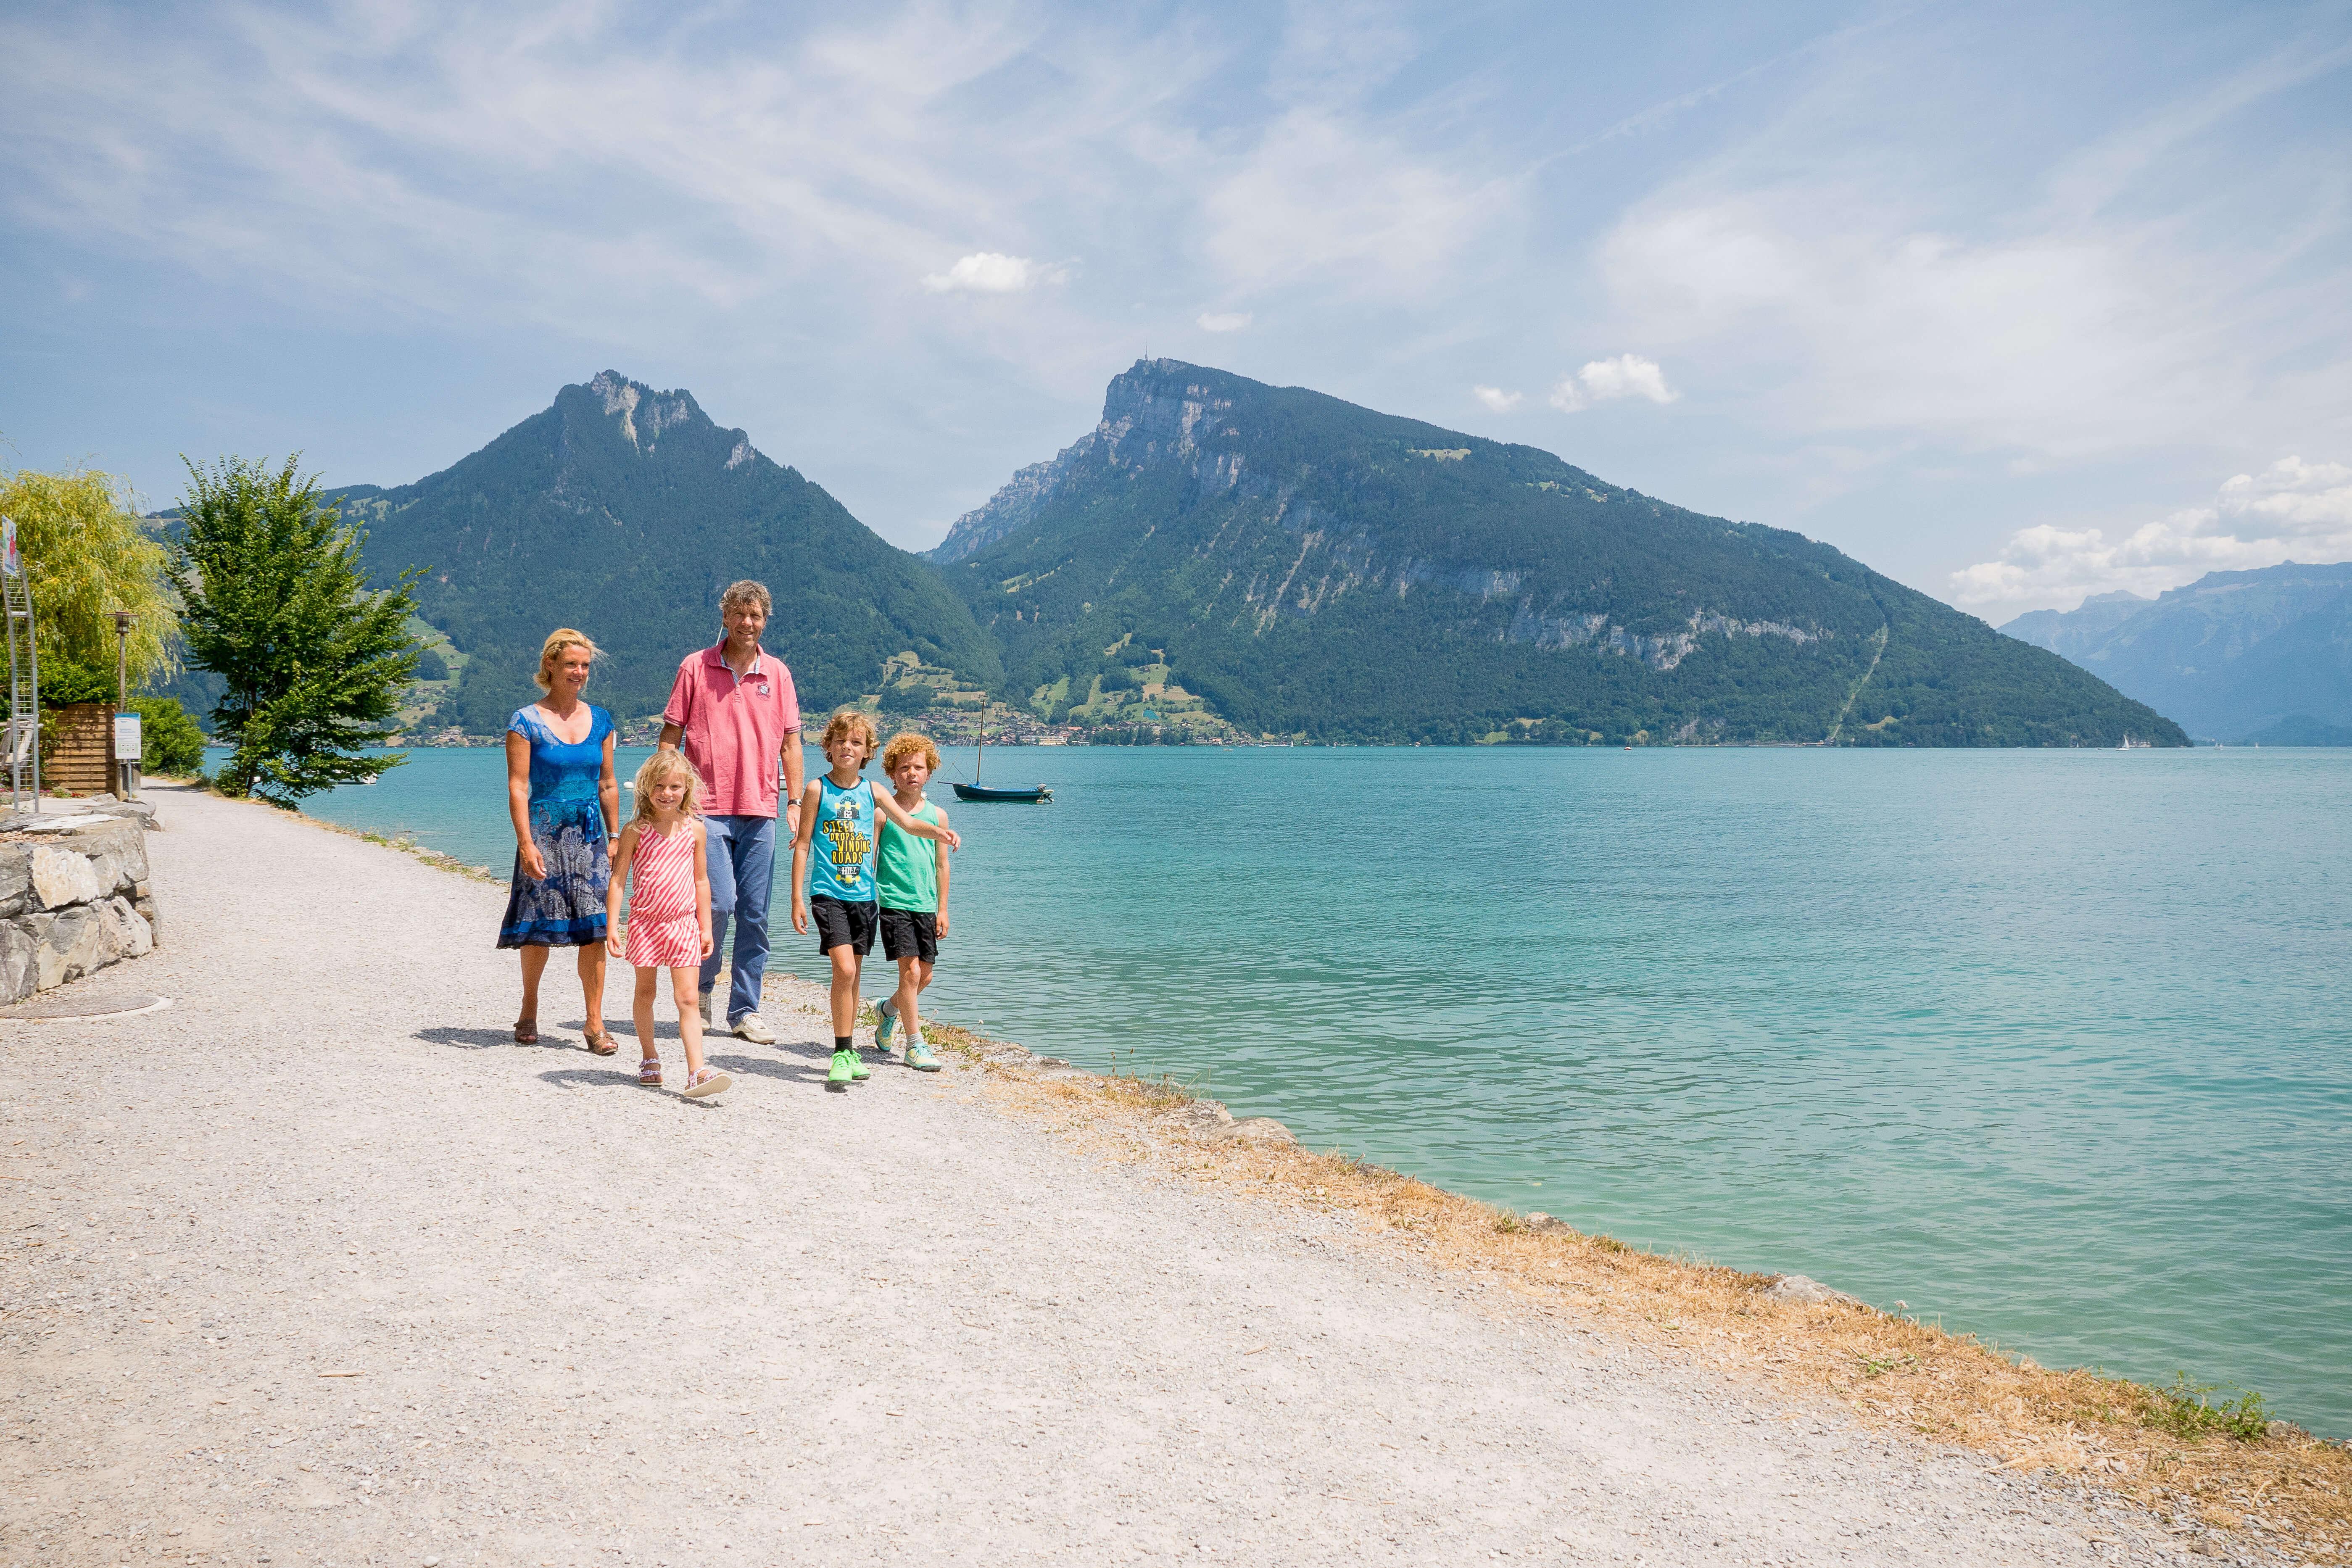 spielplatz-schiff-ahoi-strandweg-spiez-faulensee-familie-am-strandweg-sommer.jpg